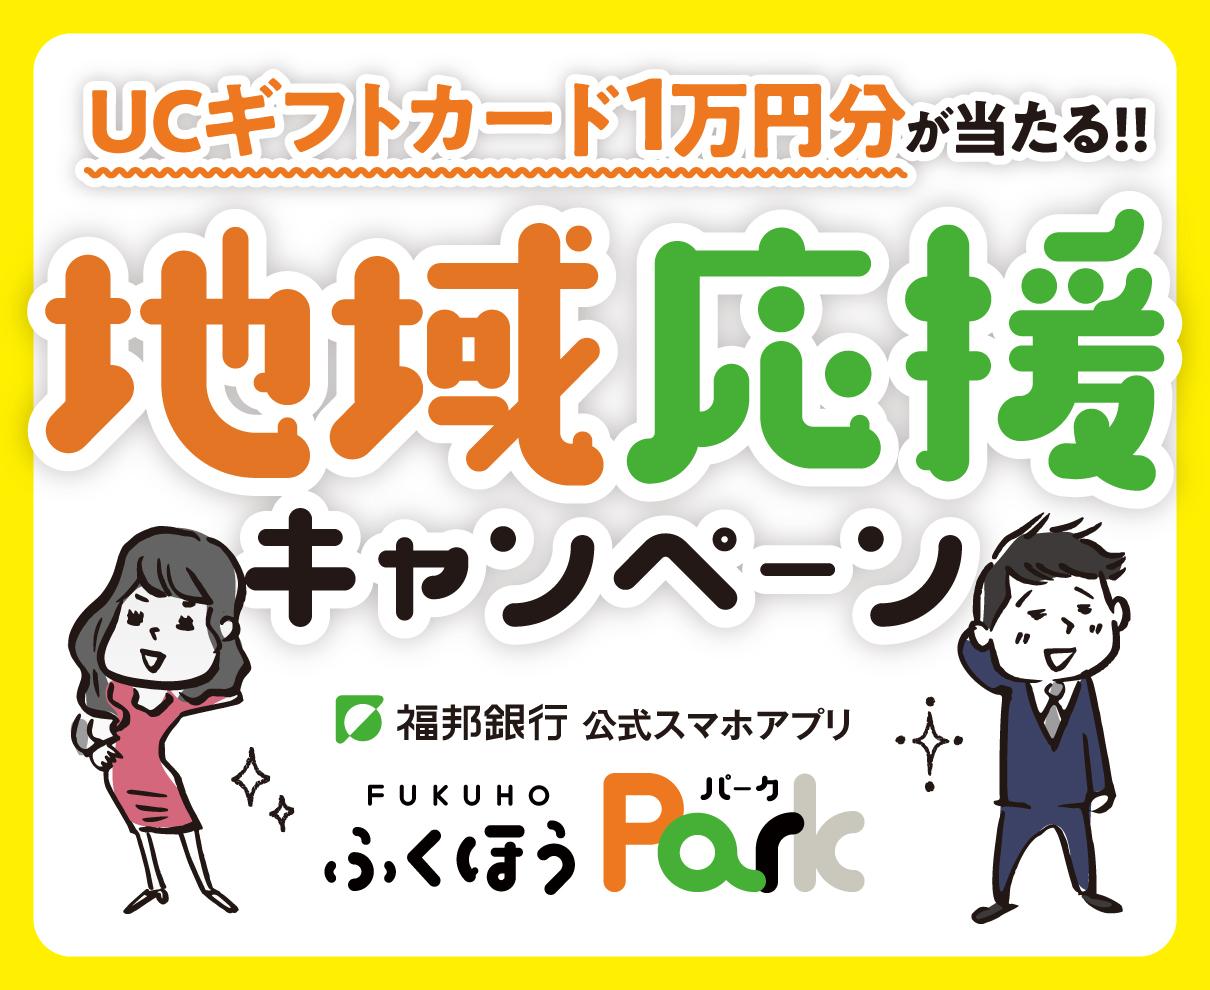 【5/31まで】キャンペーン開催中! 福邦銀行アプリ「ふくほうPark」を使って1万円分のギフトカードを当てよう!